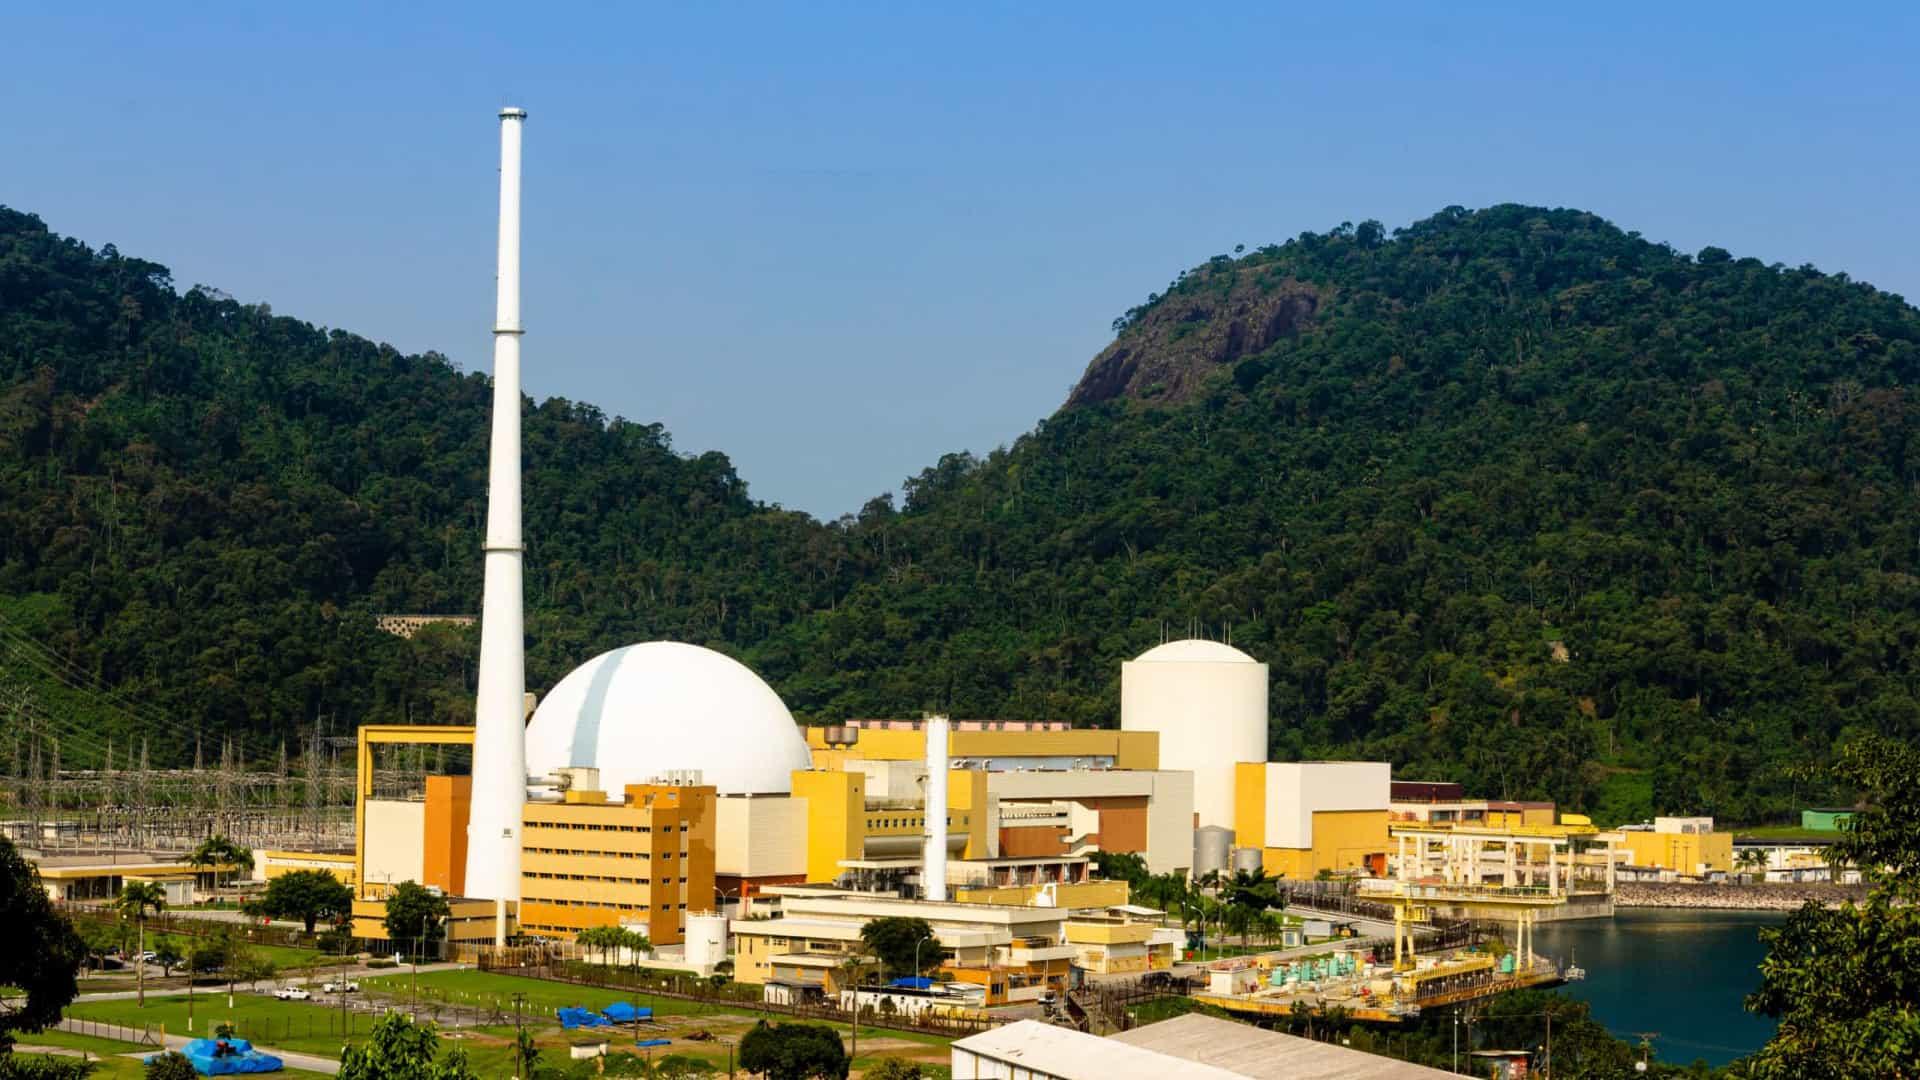 Usina Nuclear Angra 2 faz parada de 48 dias para troca de combustível